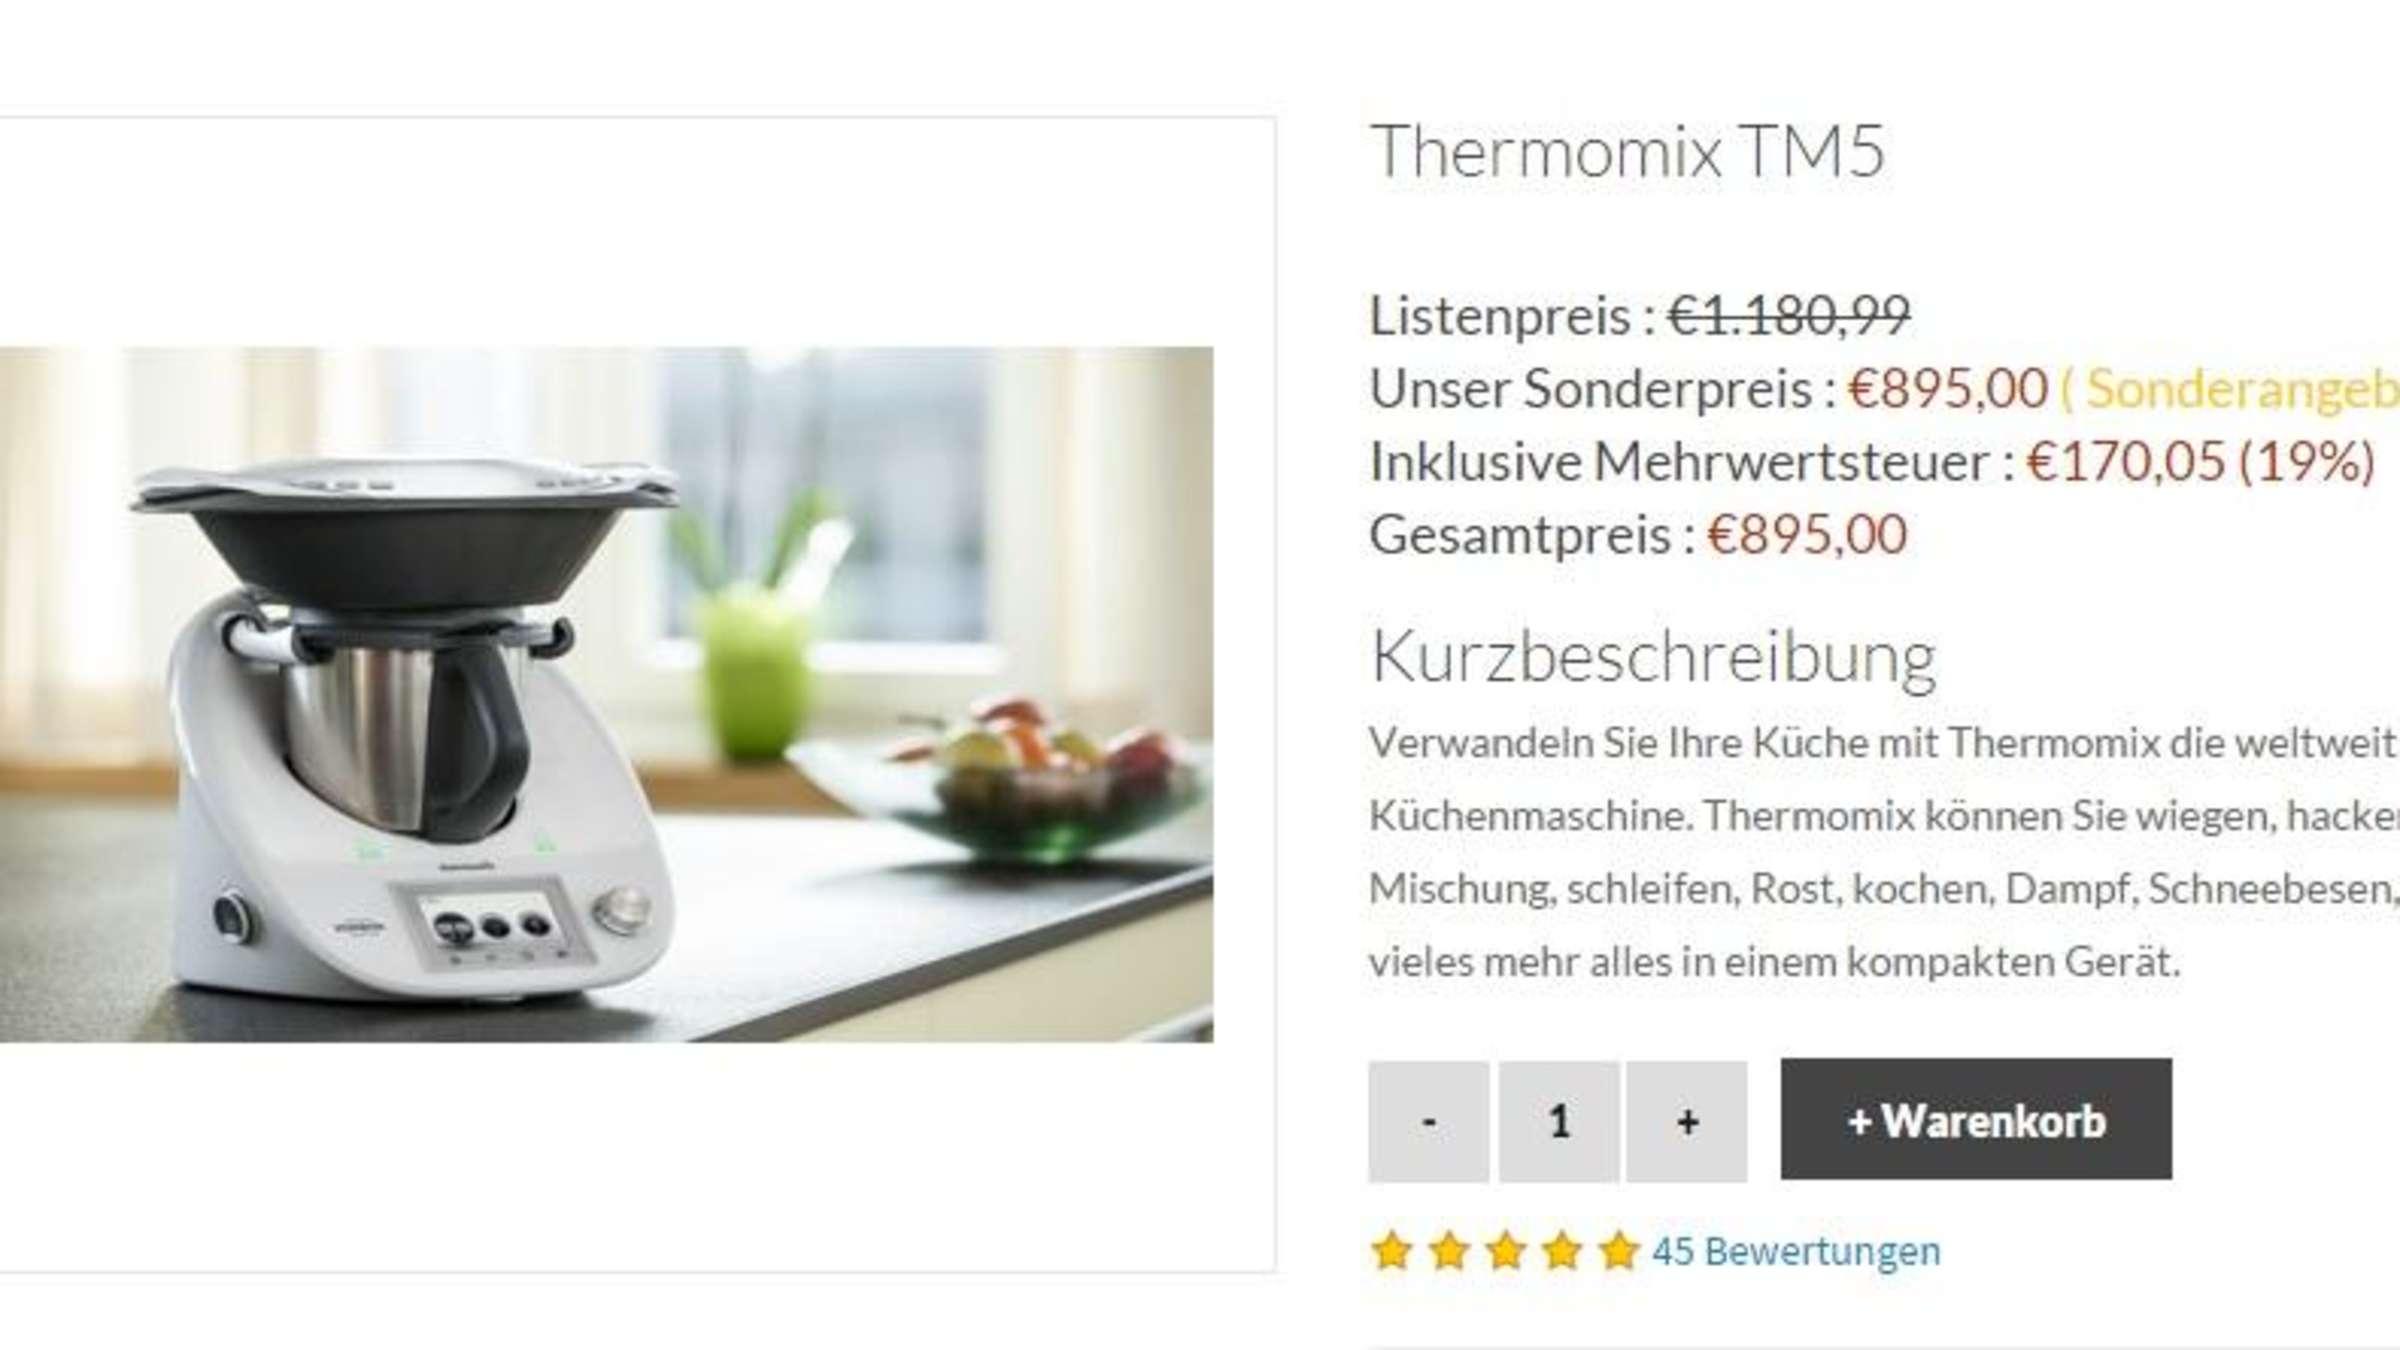 Thermomix-Betrug im Internet: Was Sie wissen sollten ...